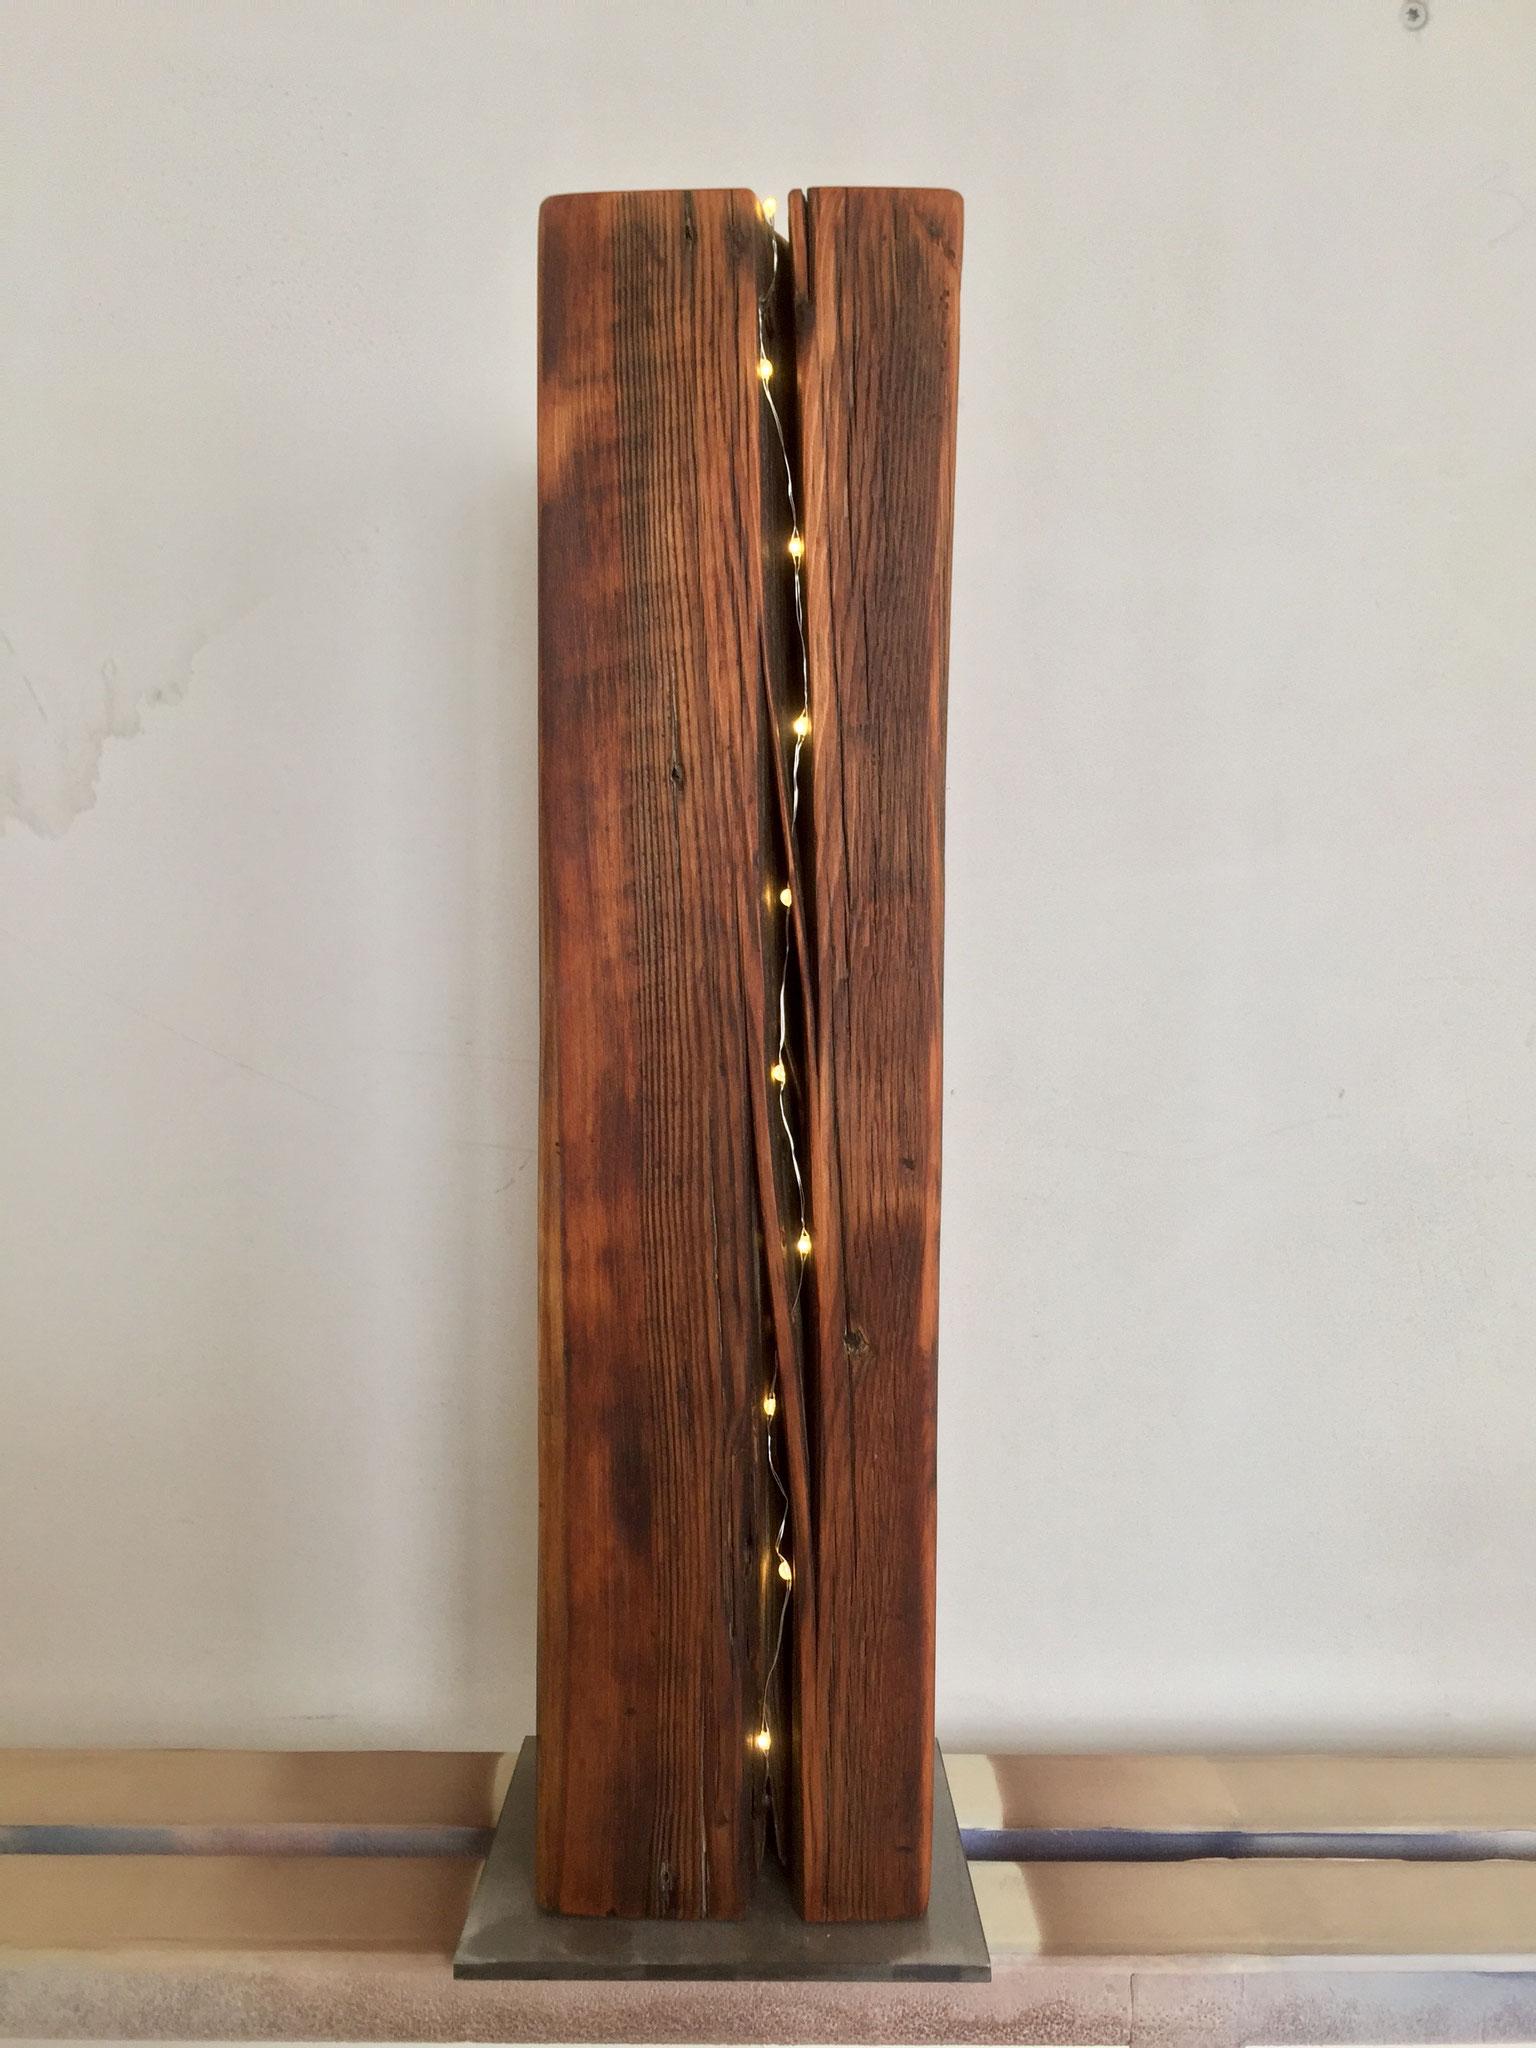 Lärche Altholz Balken mit LED Licht im Riss